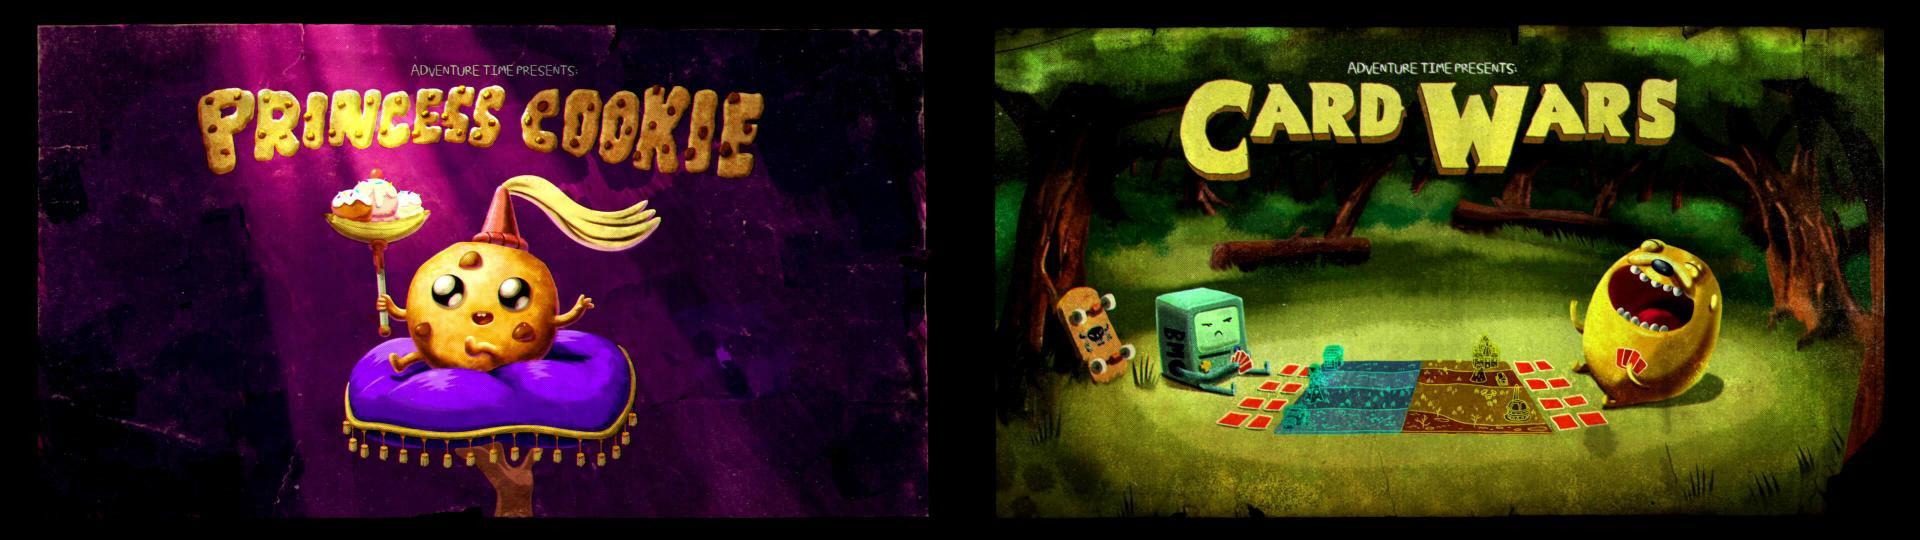 Adventure time смотреть весь 4 сезон